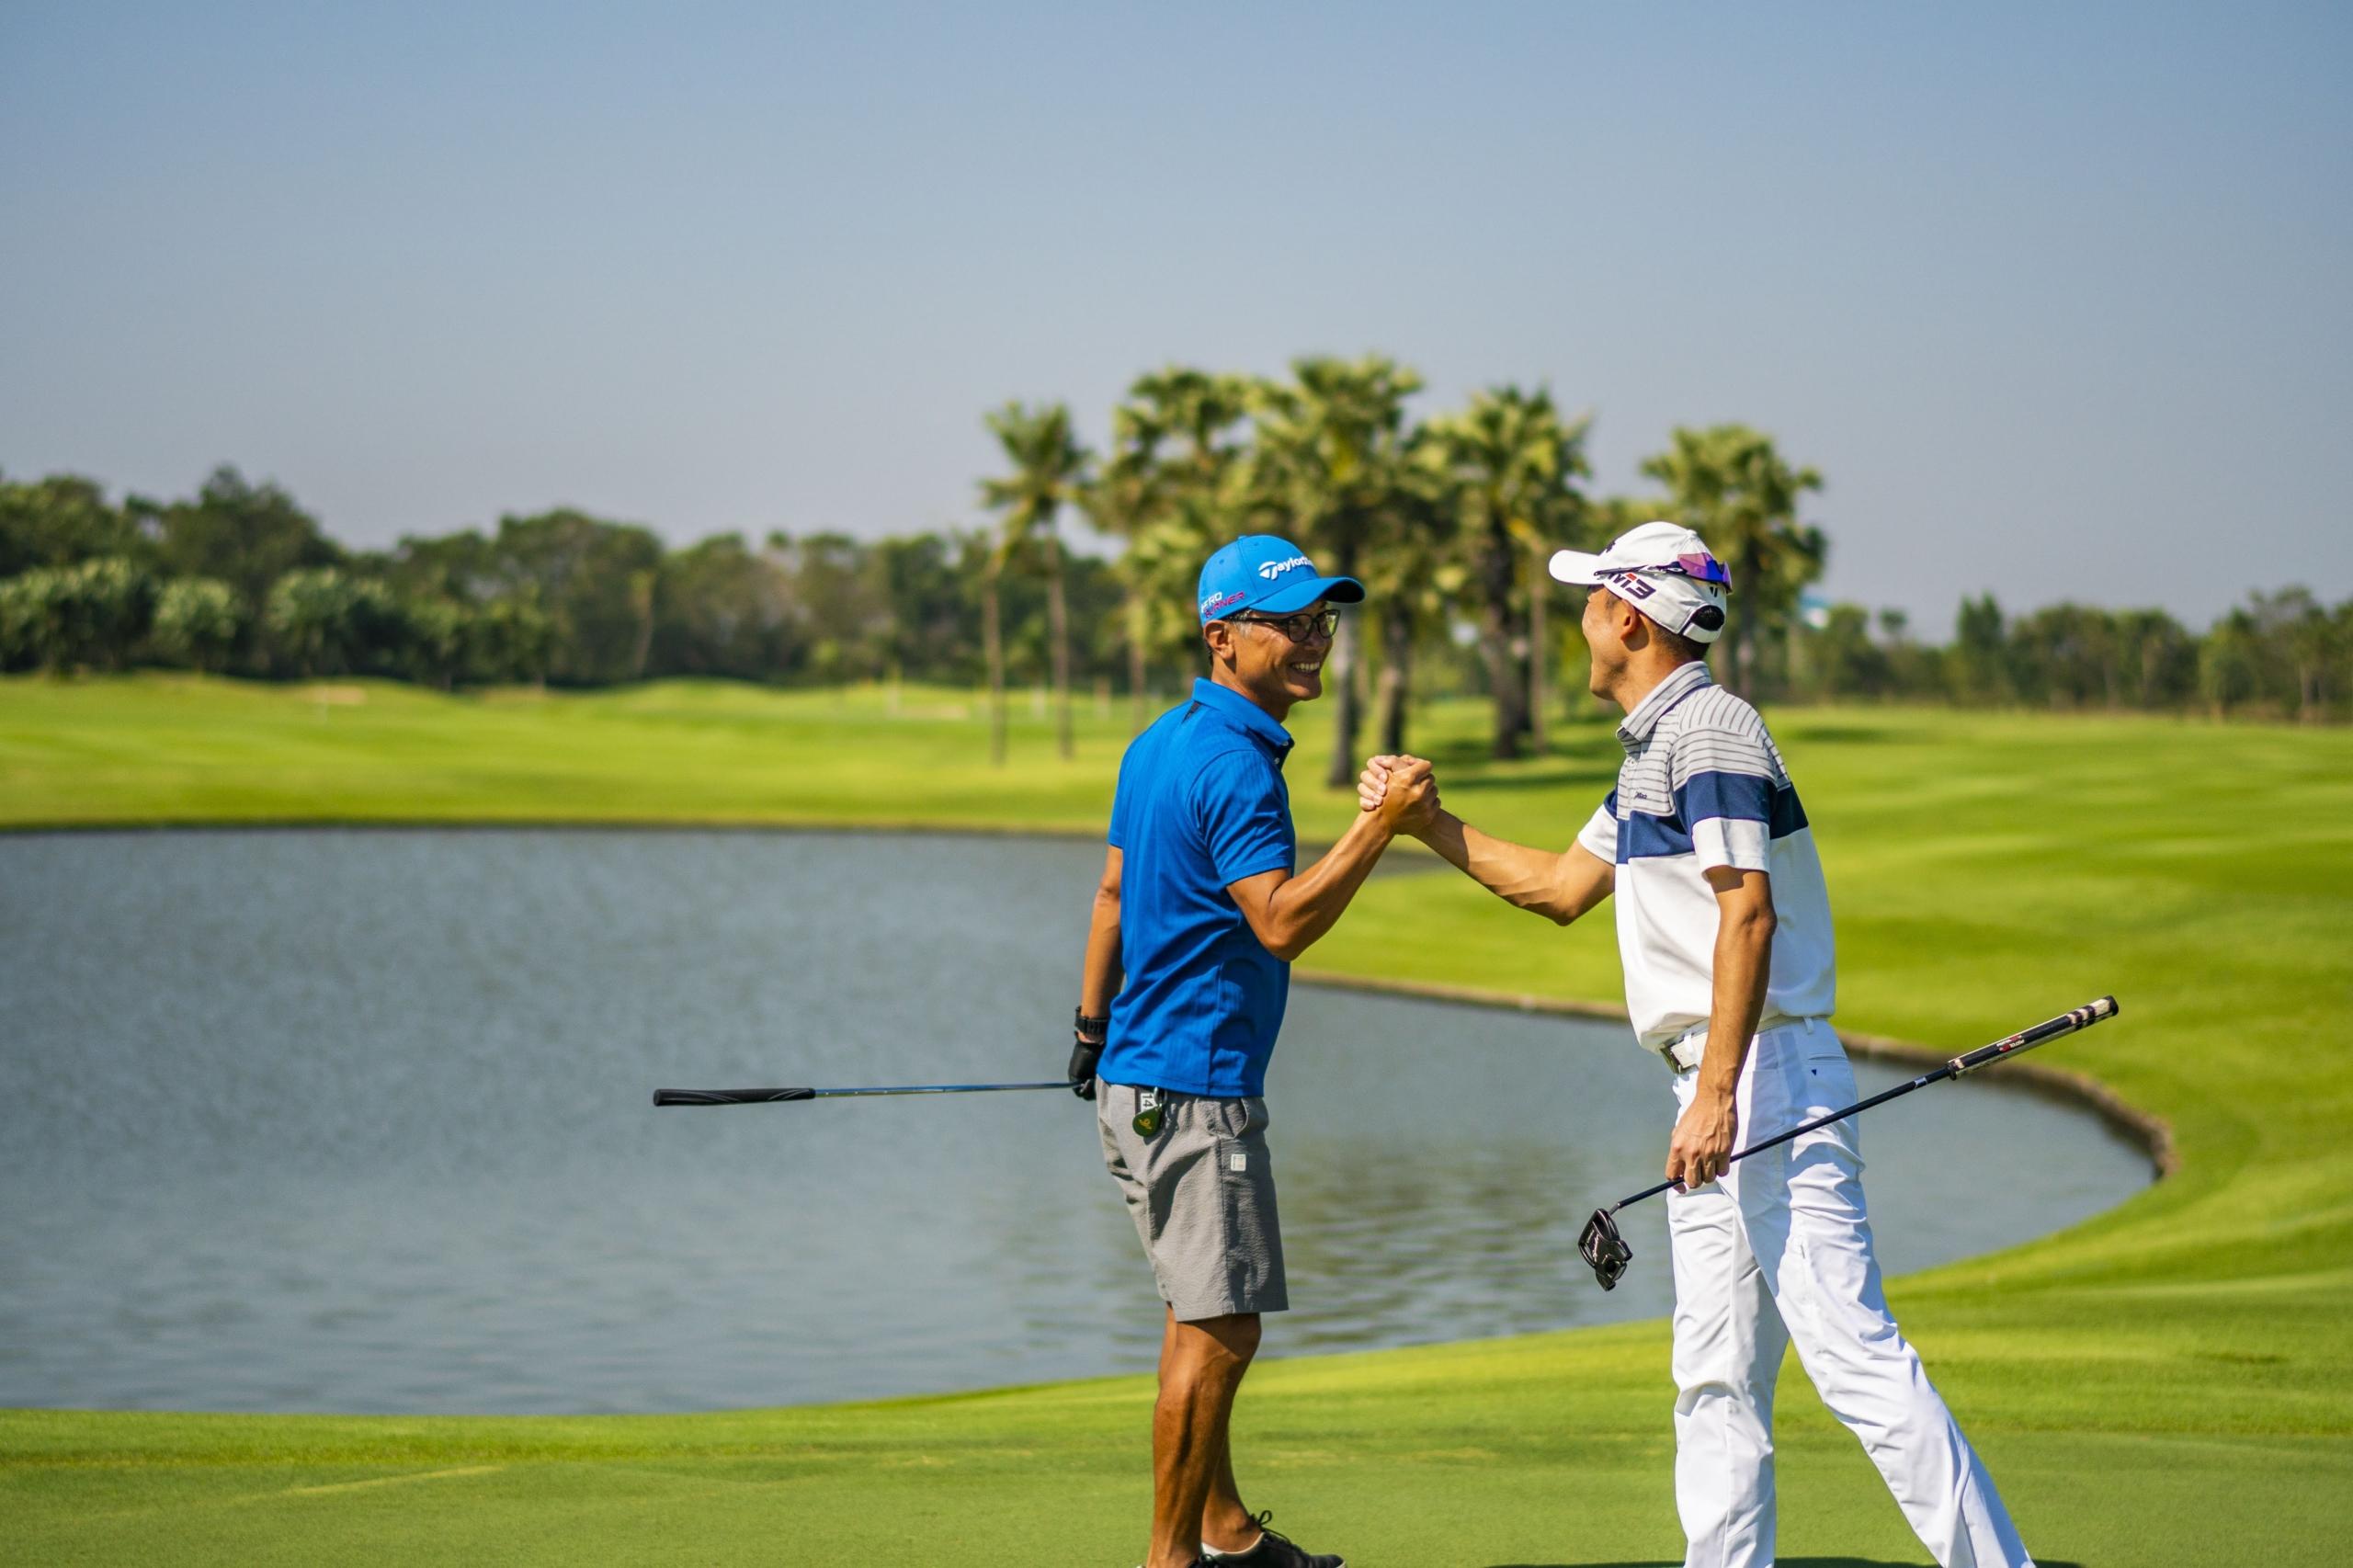 あなたがコーチやリーダーなら必ず身に付けたい。ゴルフコーチが教える人をやる気にさせる「ペップトーク」の極意